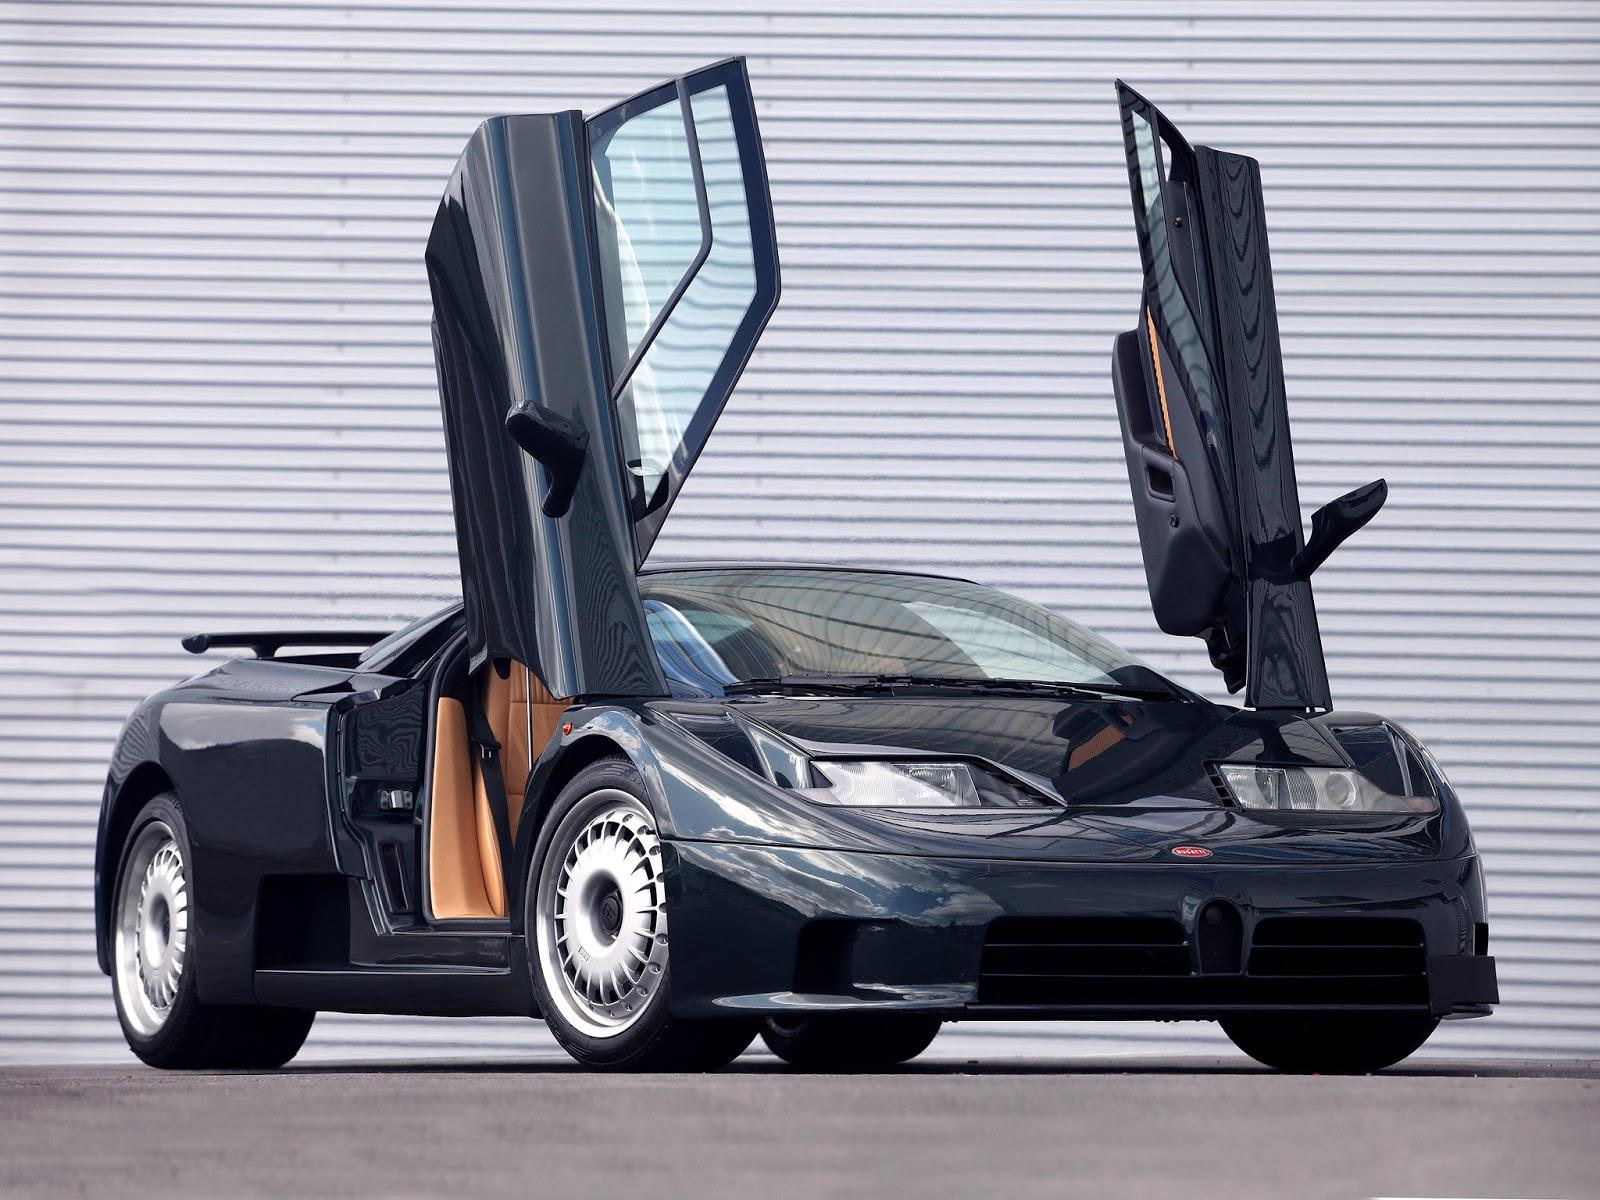 https://2.bp.blogspot.com/-n8xJPp1Epzg/V4v0-lhrQaI/AAAAAAAAJ9g/IM2fZ5ucddEUGifusBFuj7-qukPqxrT_gCLcB/s1600/Bugatti-EB110.jpg